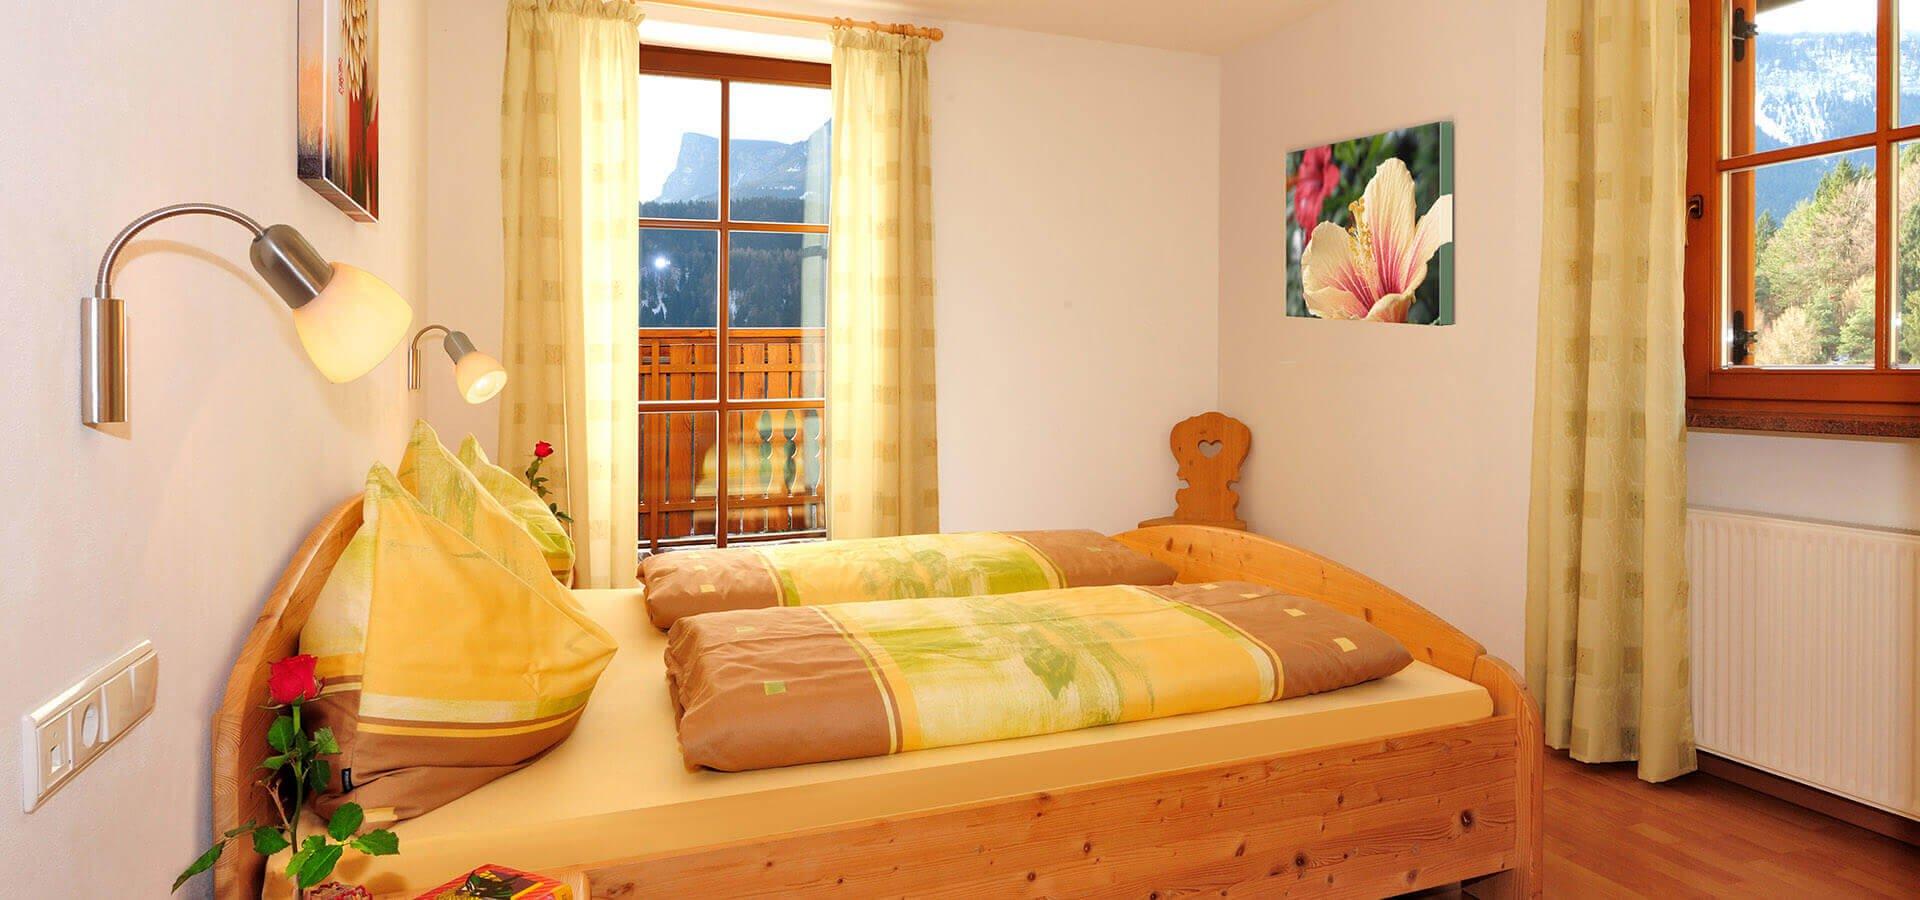 Urlaub in Meran in Südtirol - Unterkunft Meraner Land